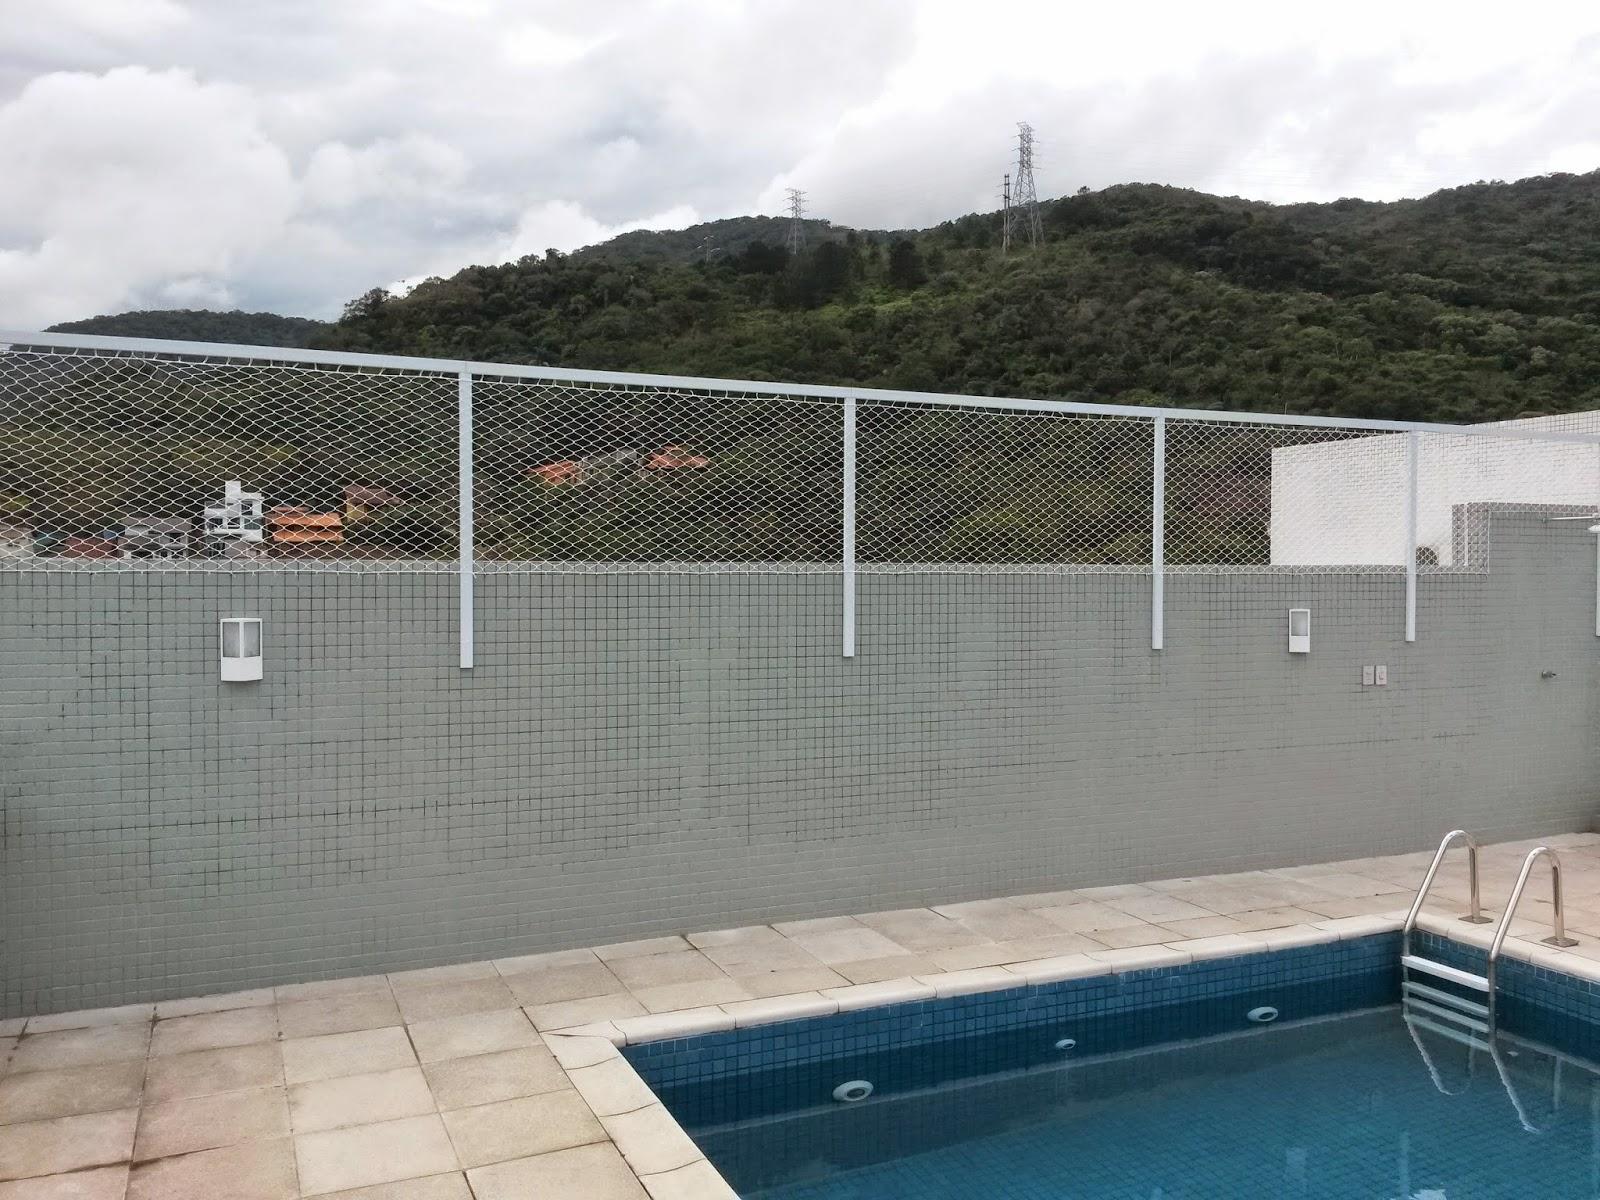 Al m redes de prote o para crian as e animais de for Tela para muro verde